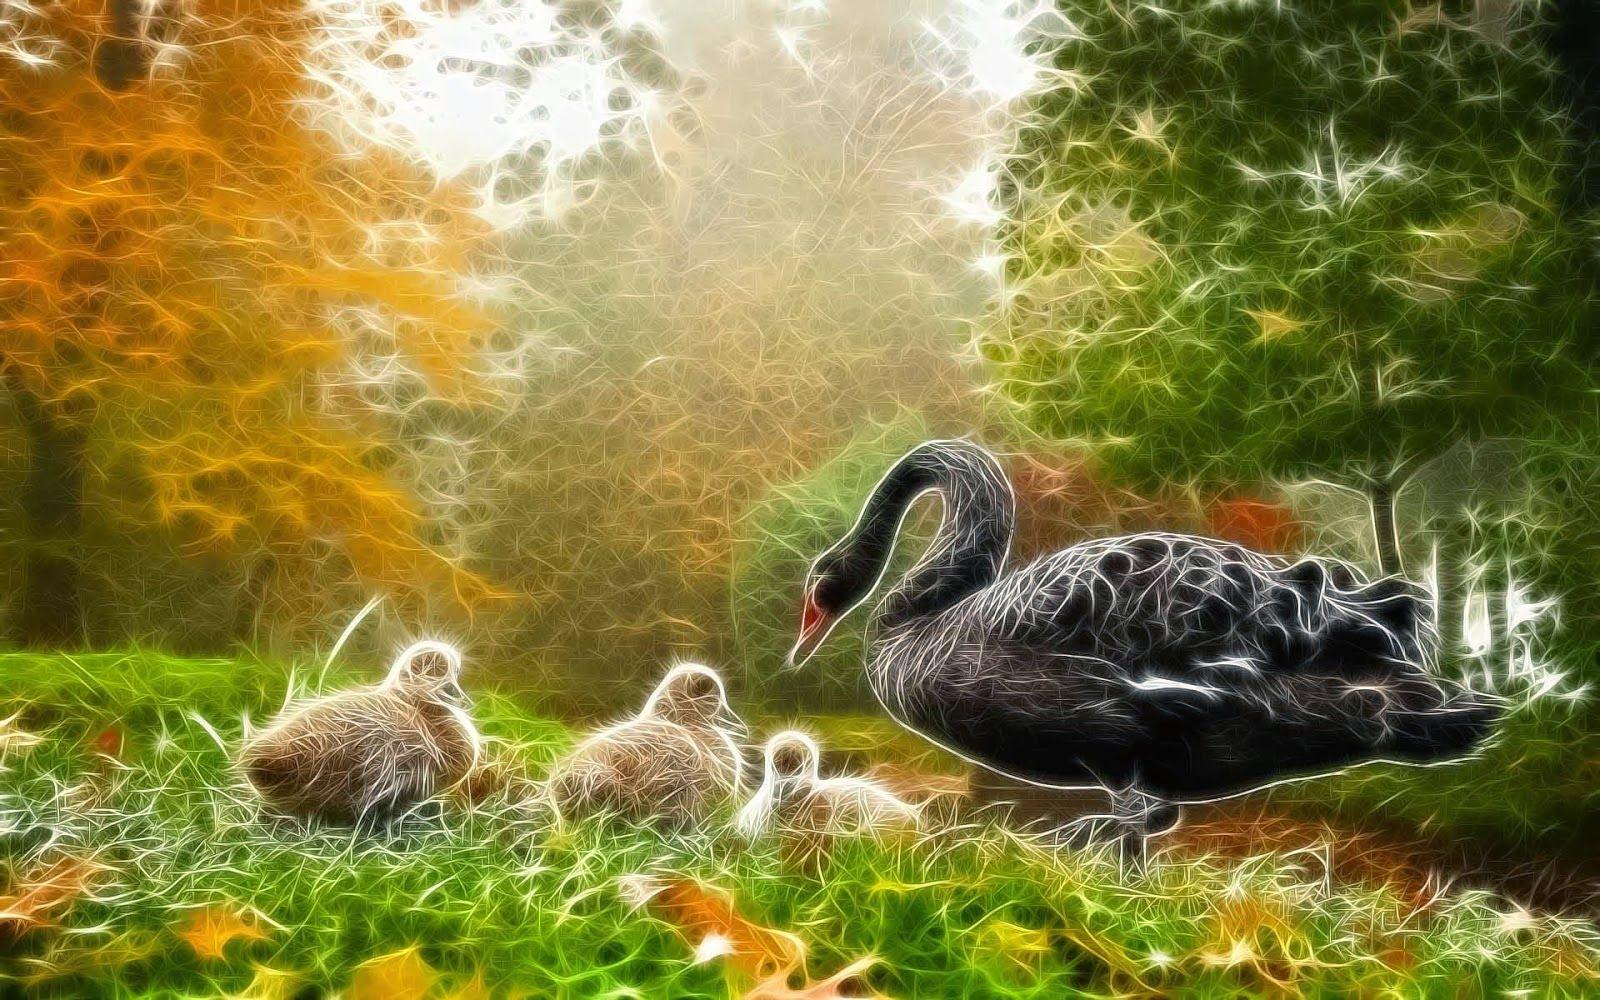 الرسم بالفوتوشوب من أجمل اللوحات معارض أجمل الخلفيات بالعالم Hd Background Blog Posts